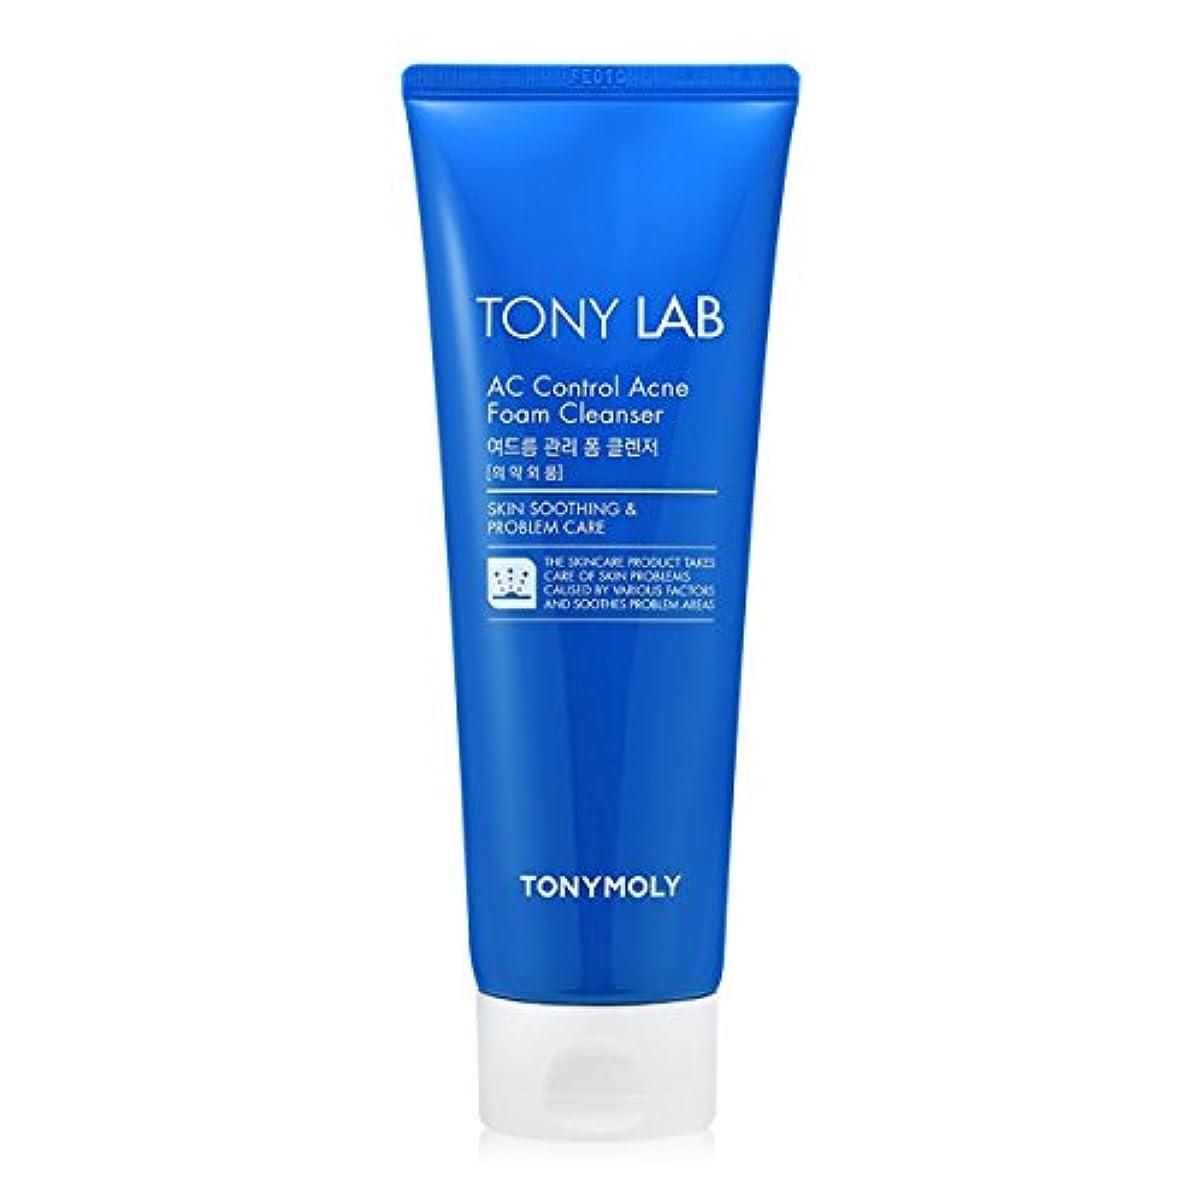 殺す今までトリクル[New] TONYMOLY Tony Lab AC Control Acne Foam Cleanser 150ml/トニーモリー トニー ラボ AC コントロール アクネ フォーム クレンザー 150ml